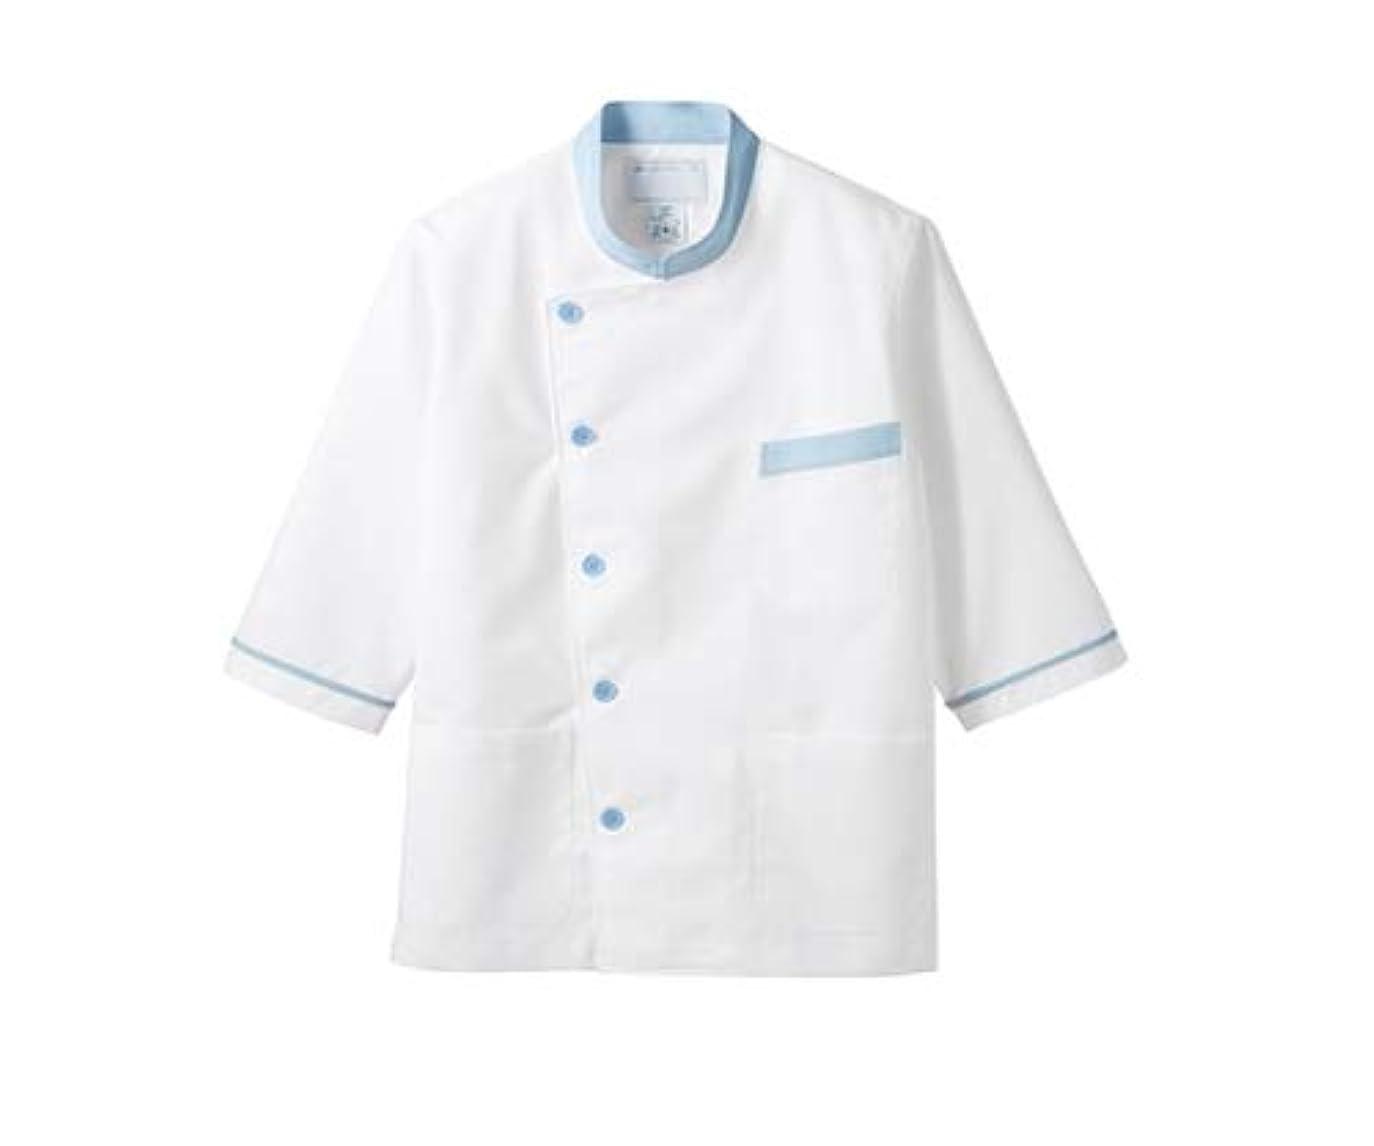 略奪毎週検出調理衣 男女兼用 7分袖 白/サックス/61-6093-49